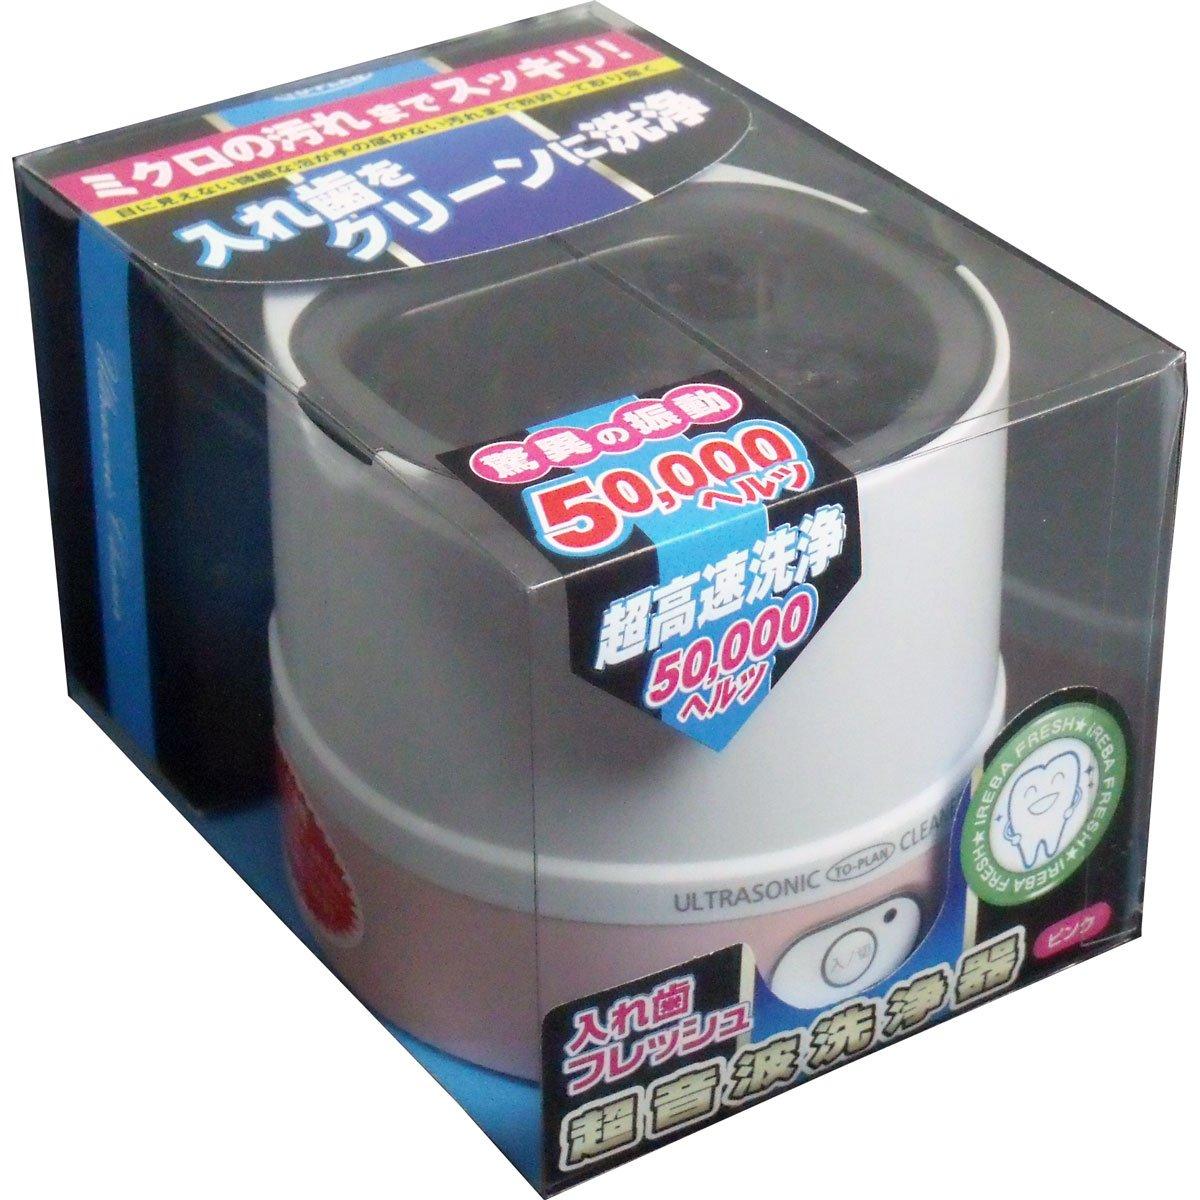 トプラン 超音波入れ歯洗浄器 ピンク 1個